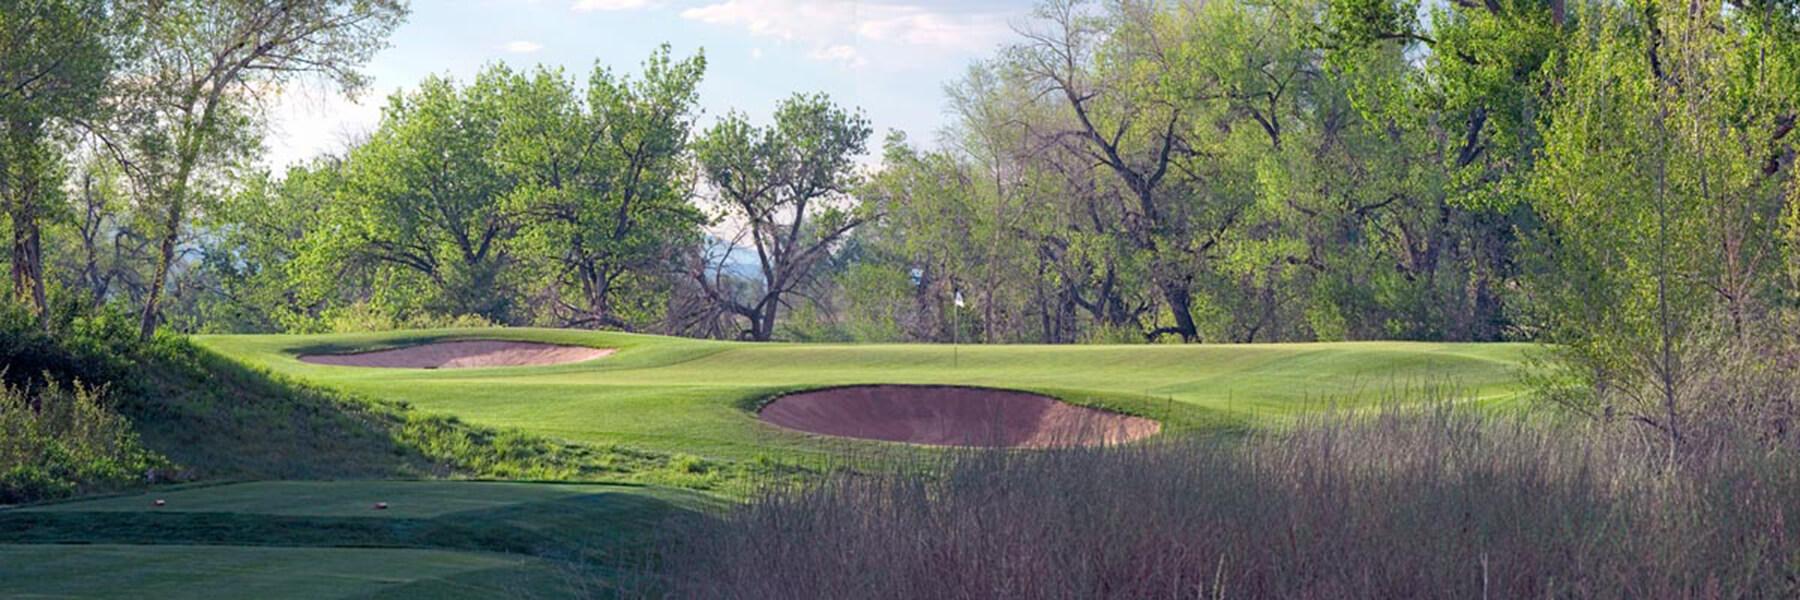 Golf Course Image - University of Denver Golf Club No. 13